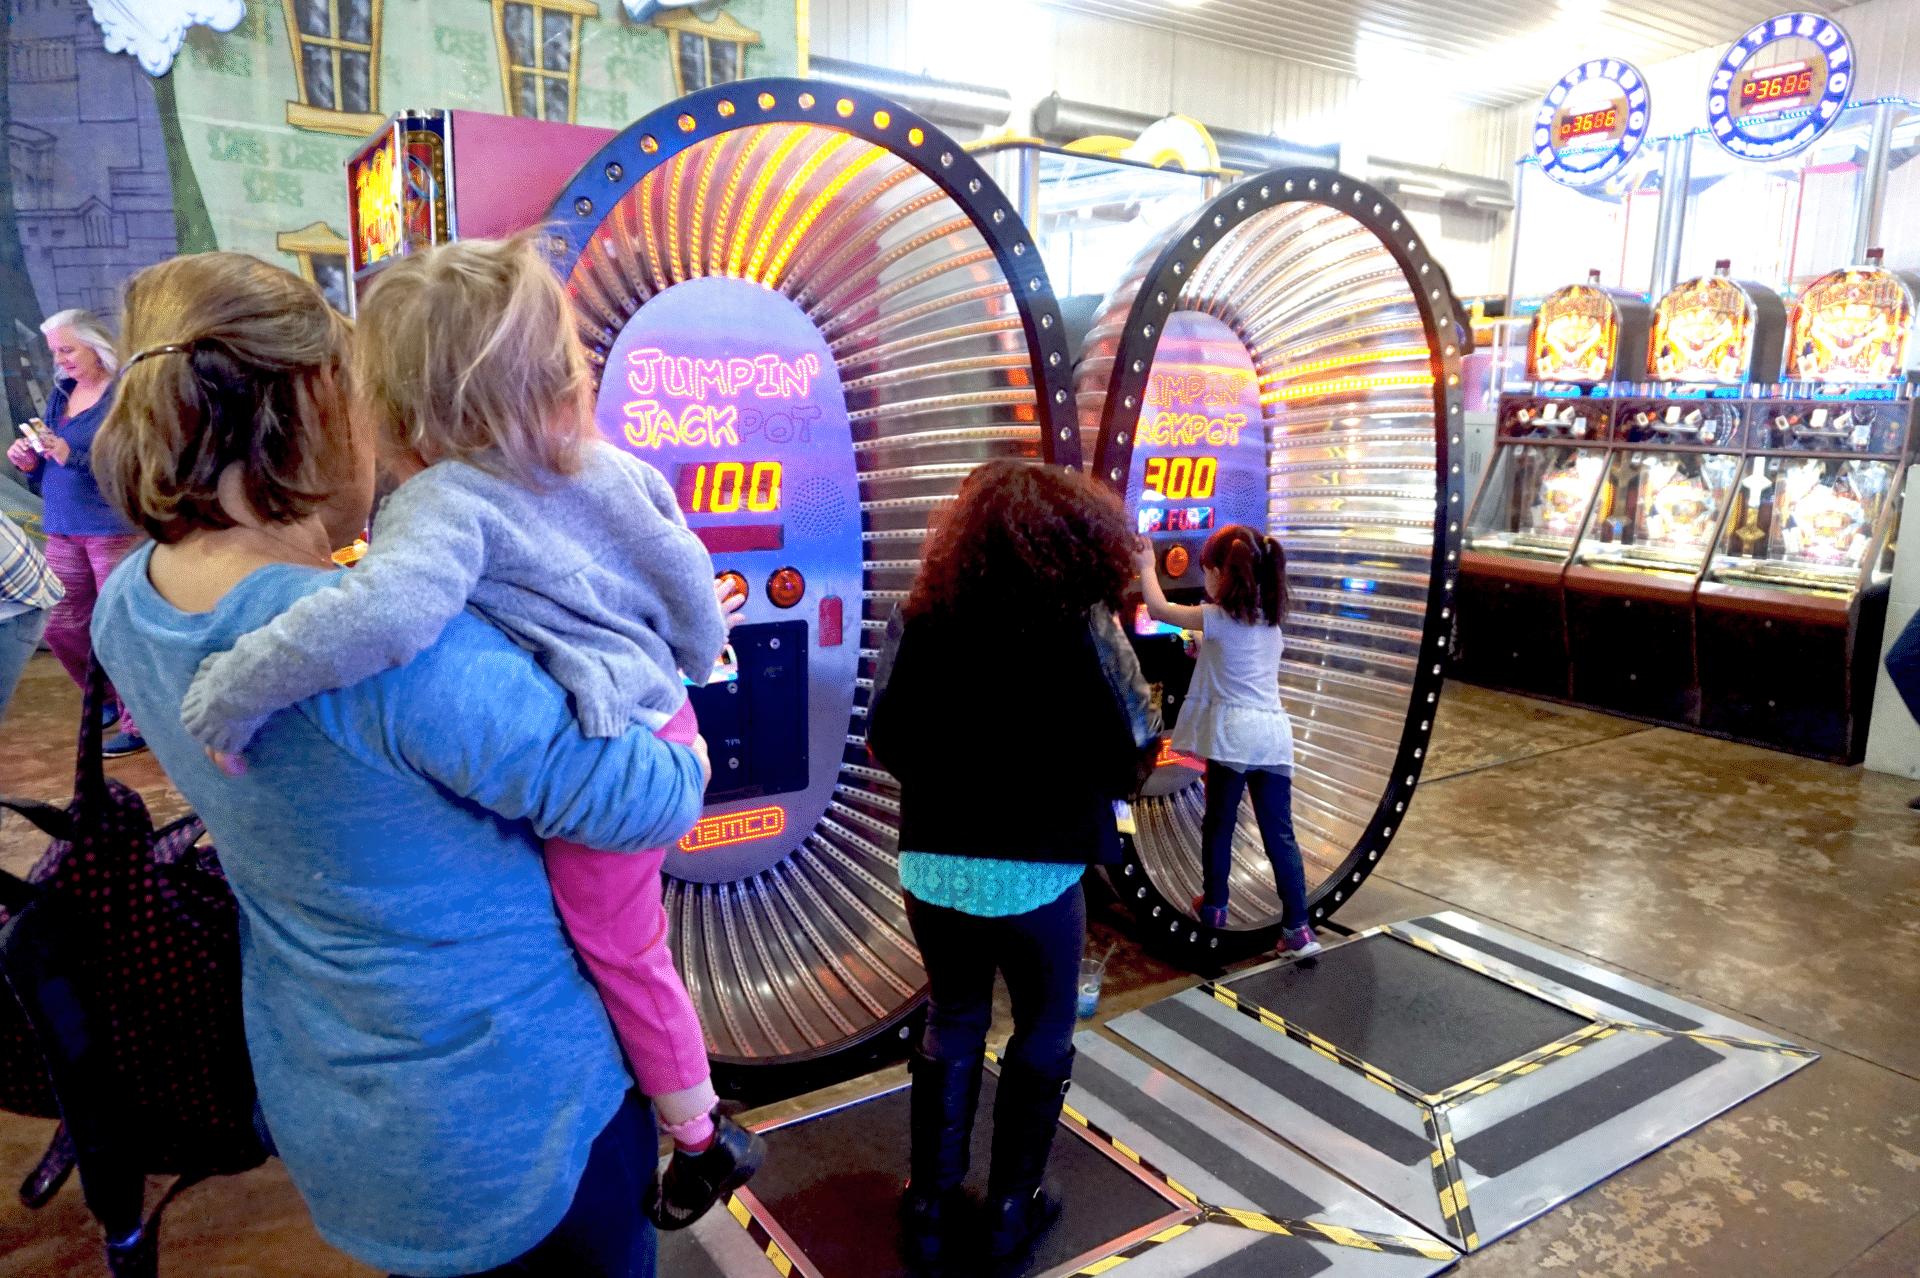 family fun in kenosha, family activities kenosha, arcade in kenosha